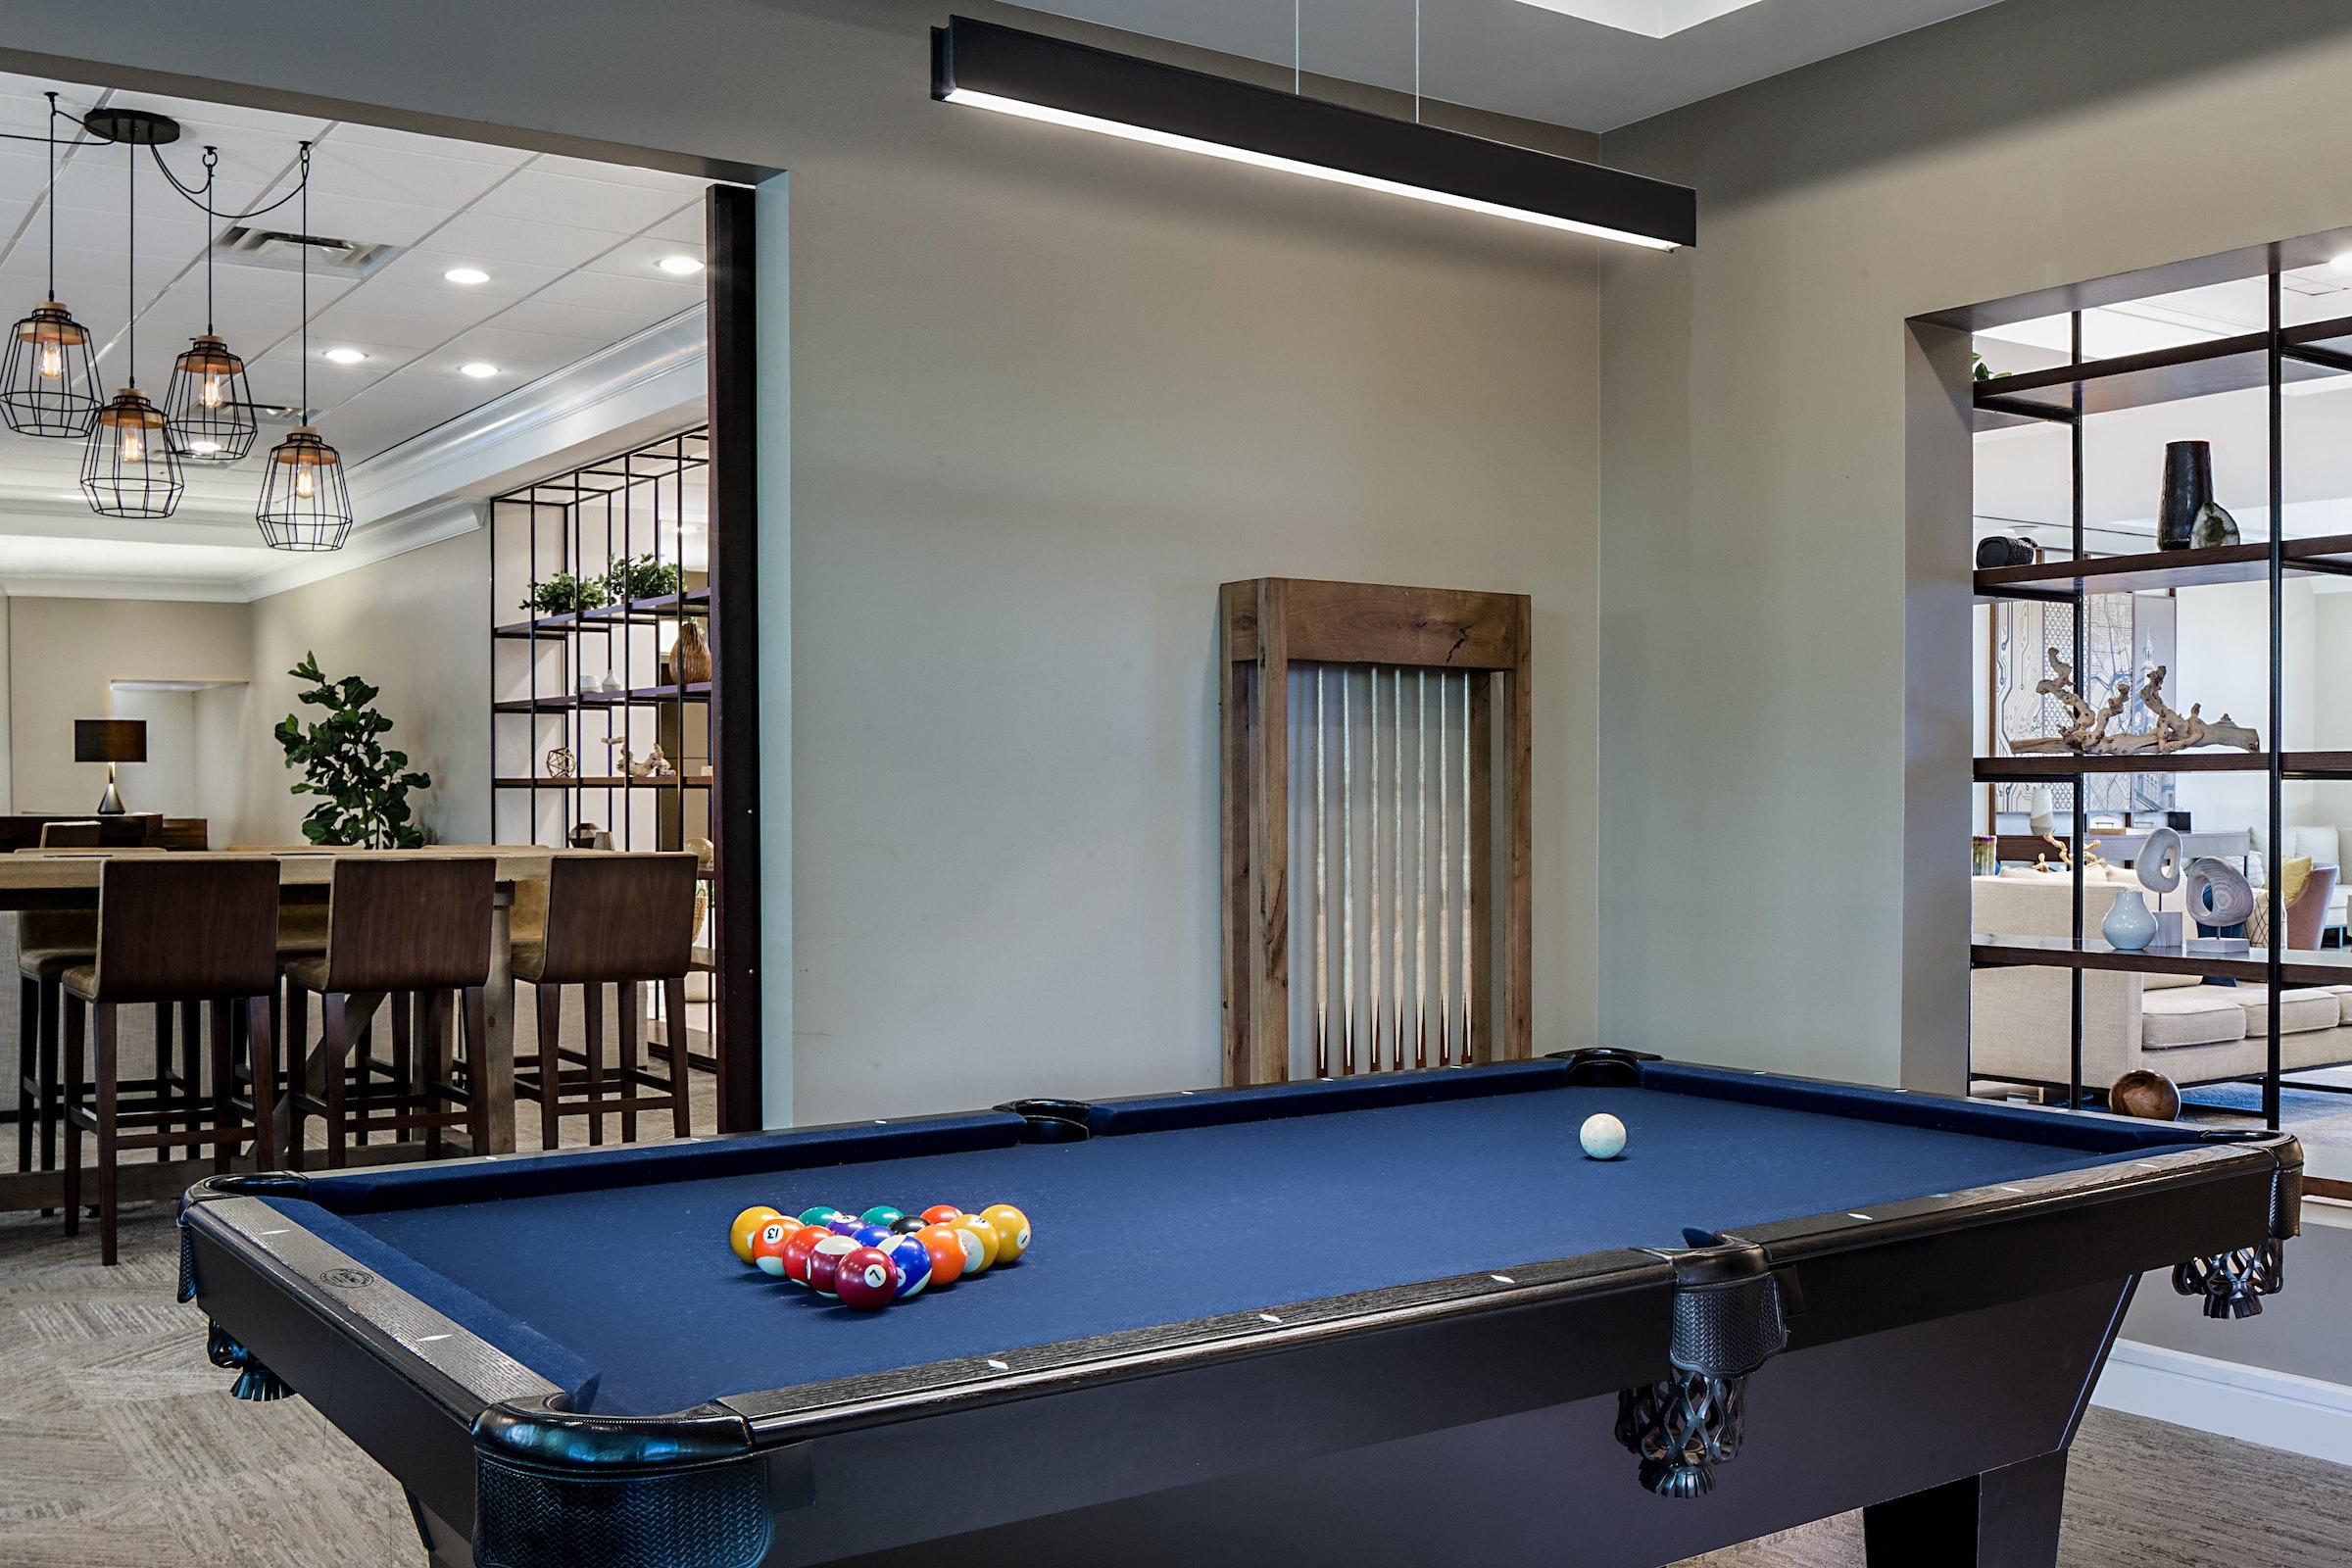 Sheraton Suites Market Center Dallas in Beyond Dallas